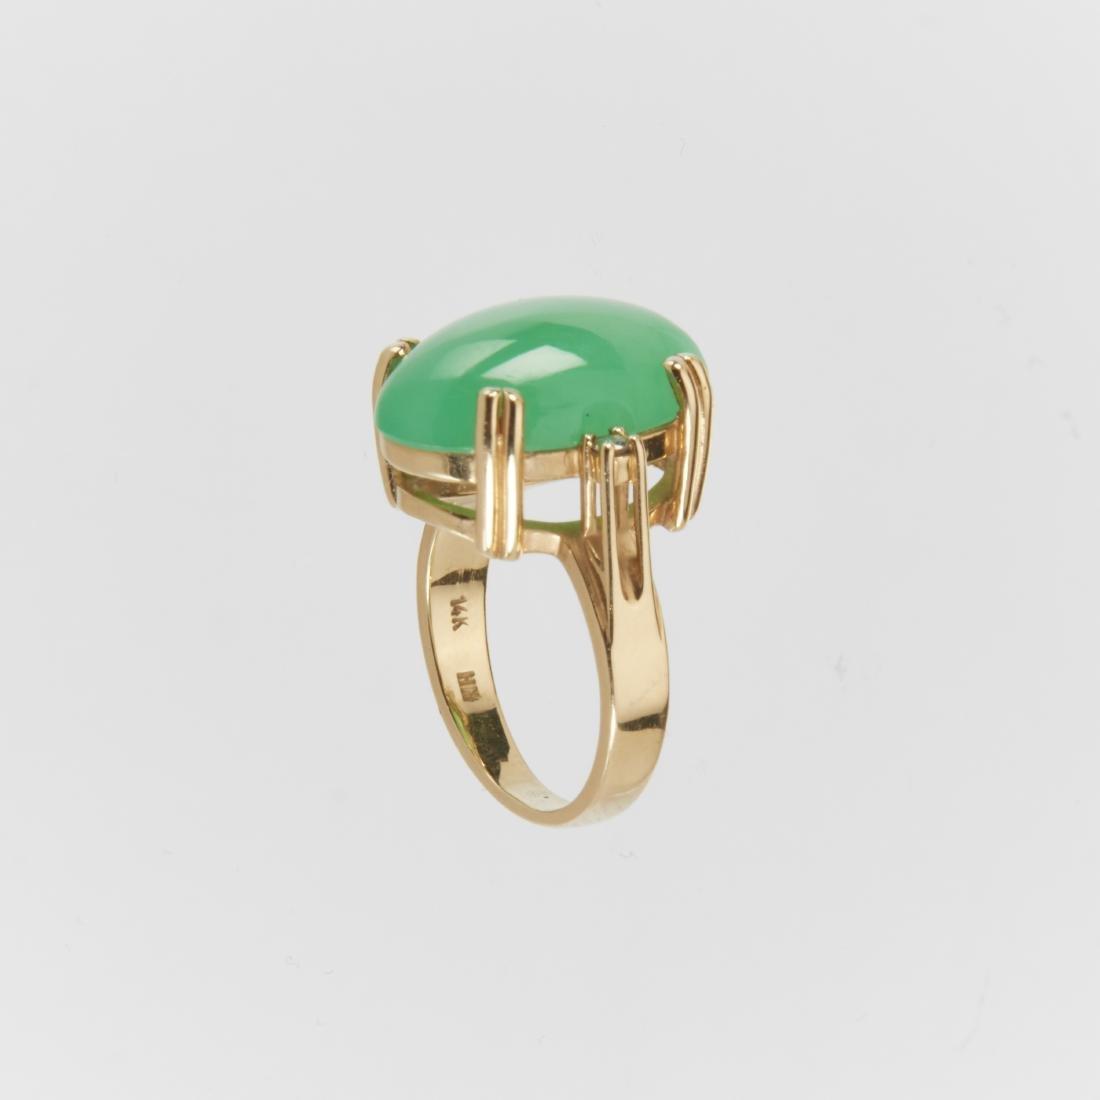 A 14K & Jade Ring & Earrings Set - 6